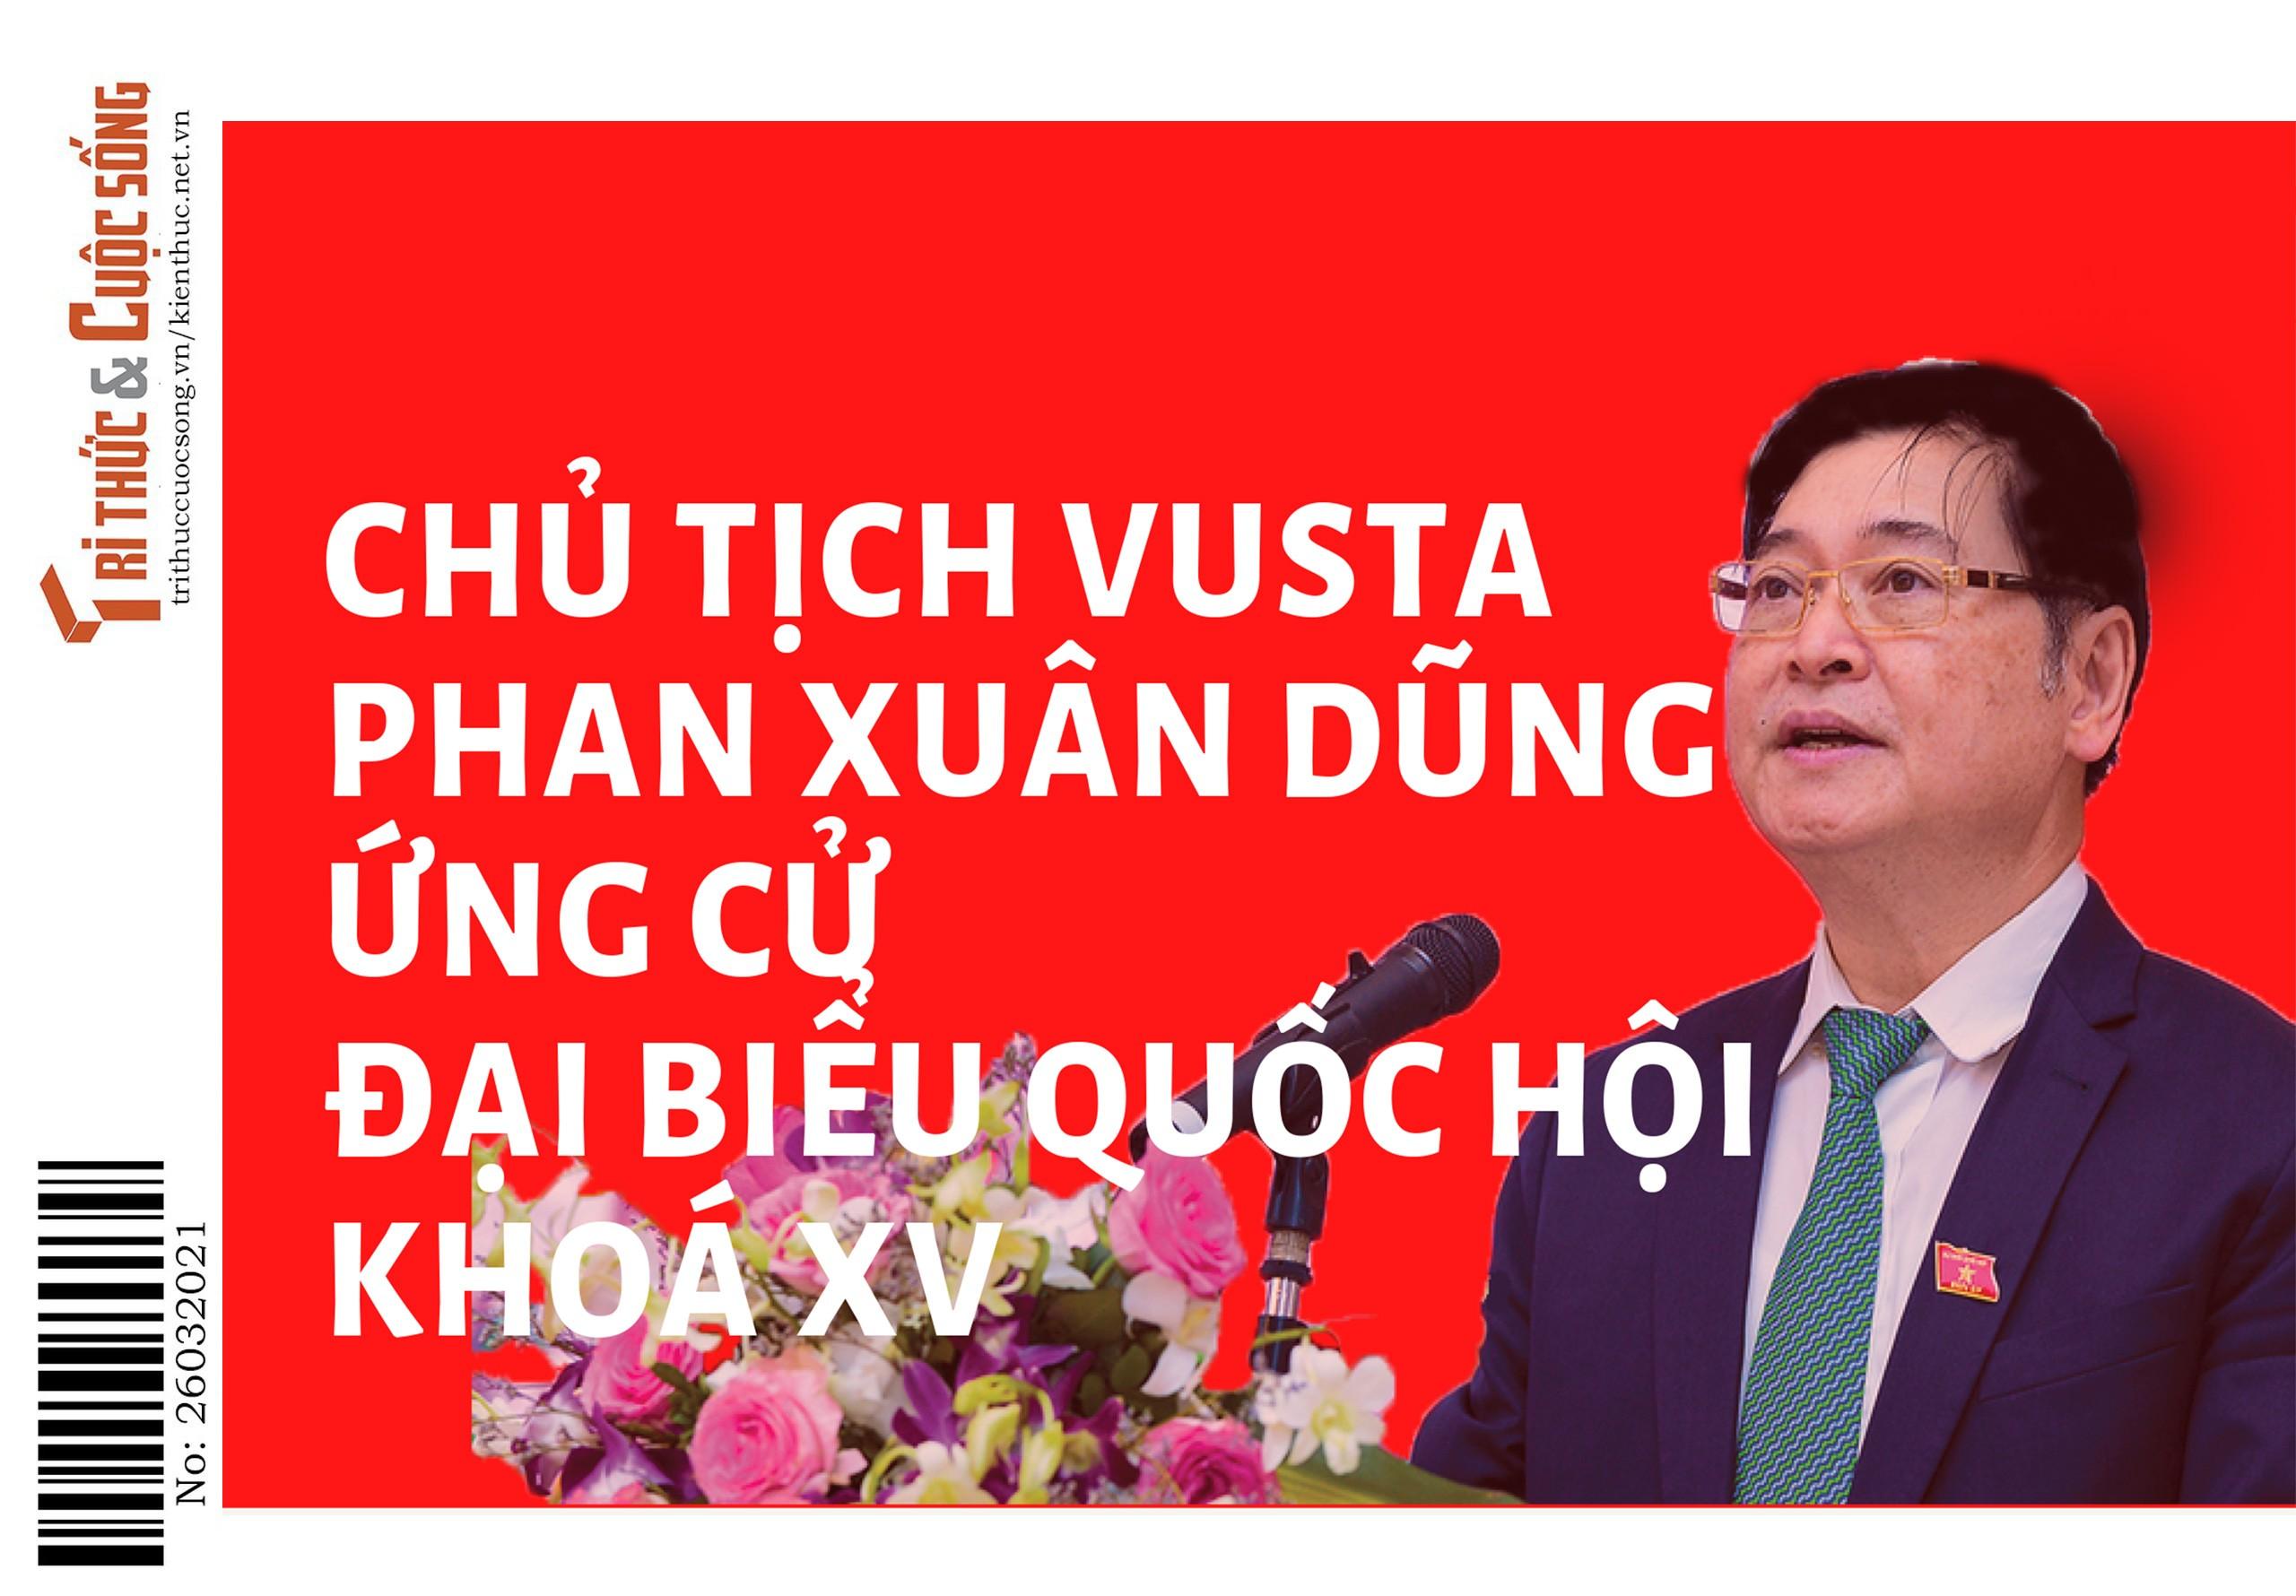 [Infographic] Chủ tịch VUSTA Phan Xuân Dũng ứng cử Đại biểu Quốc hội khóa XV